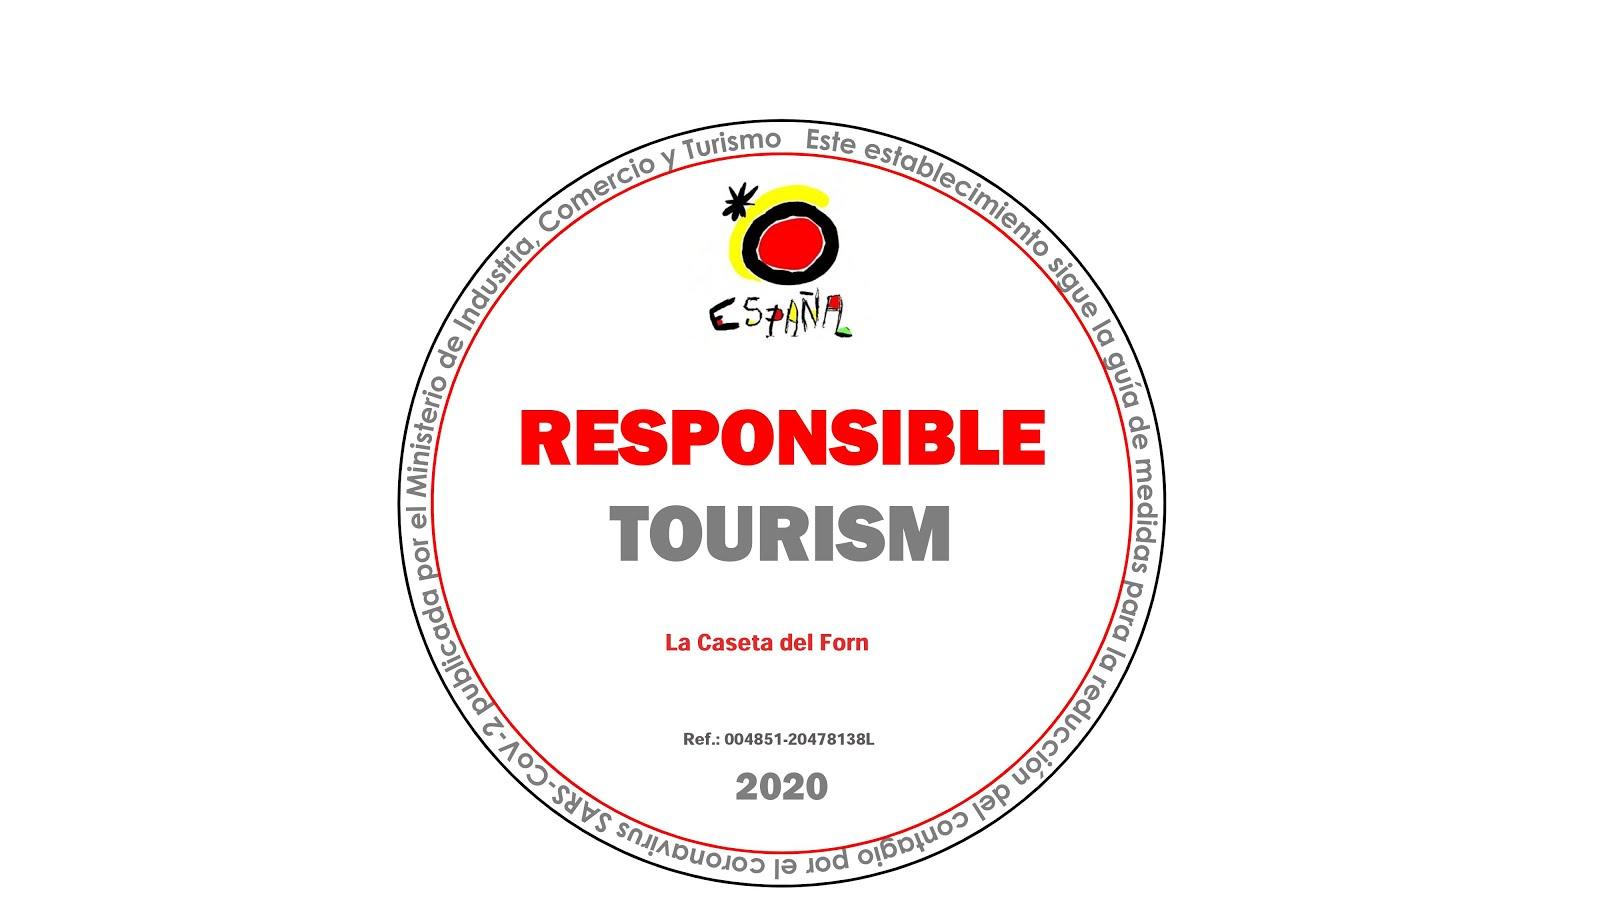 Certificat de seguiment de les mesures per a la reducció del contagi pel coronavirus del Ministeri